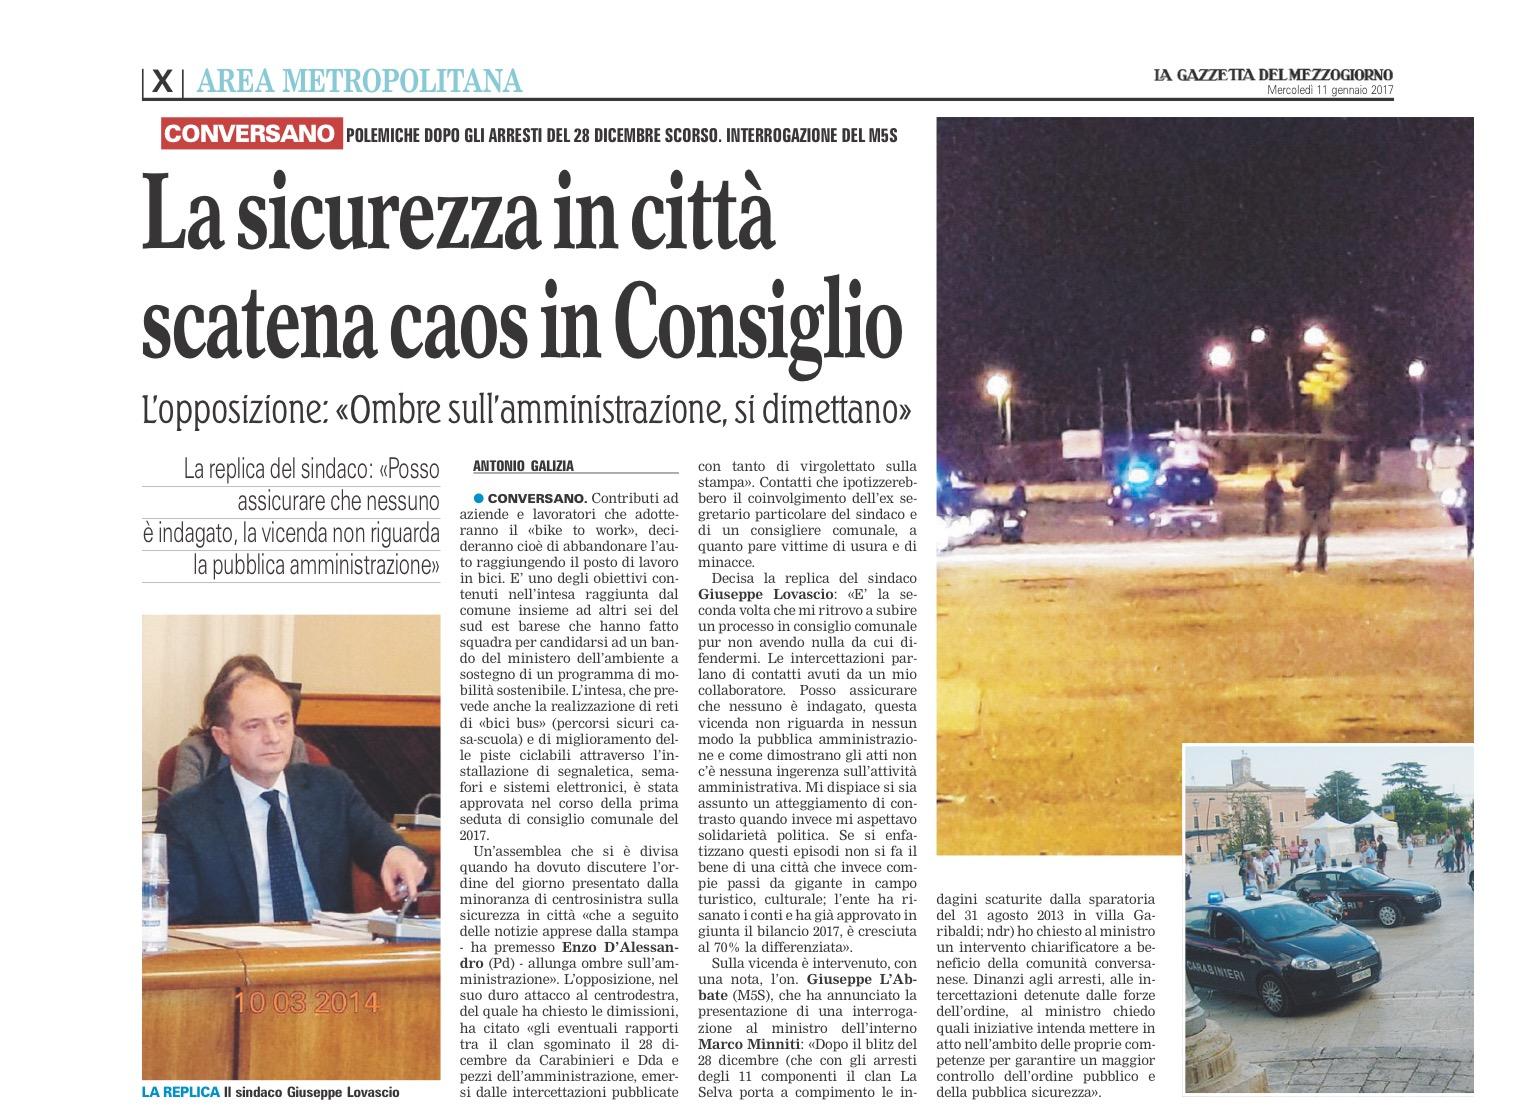 La Gazzetta del Mezzogiorno - 11.01.2017